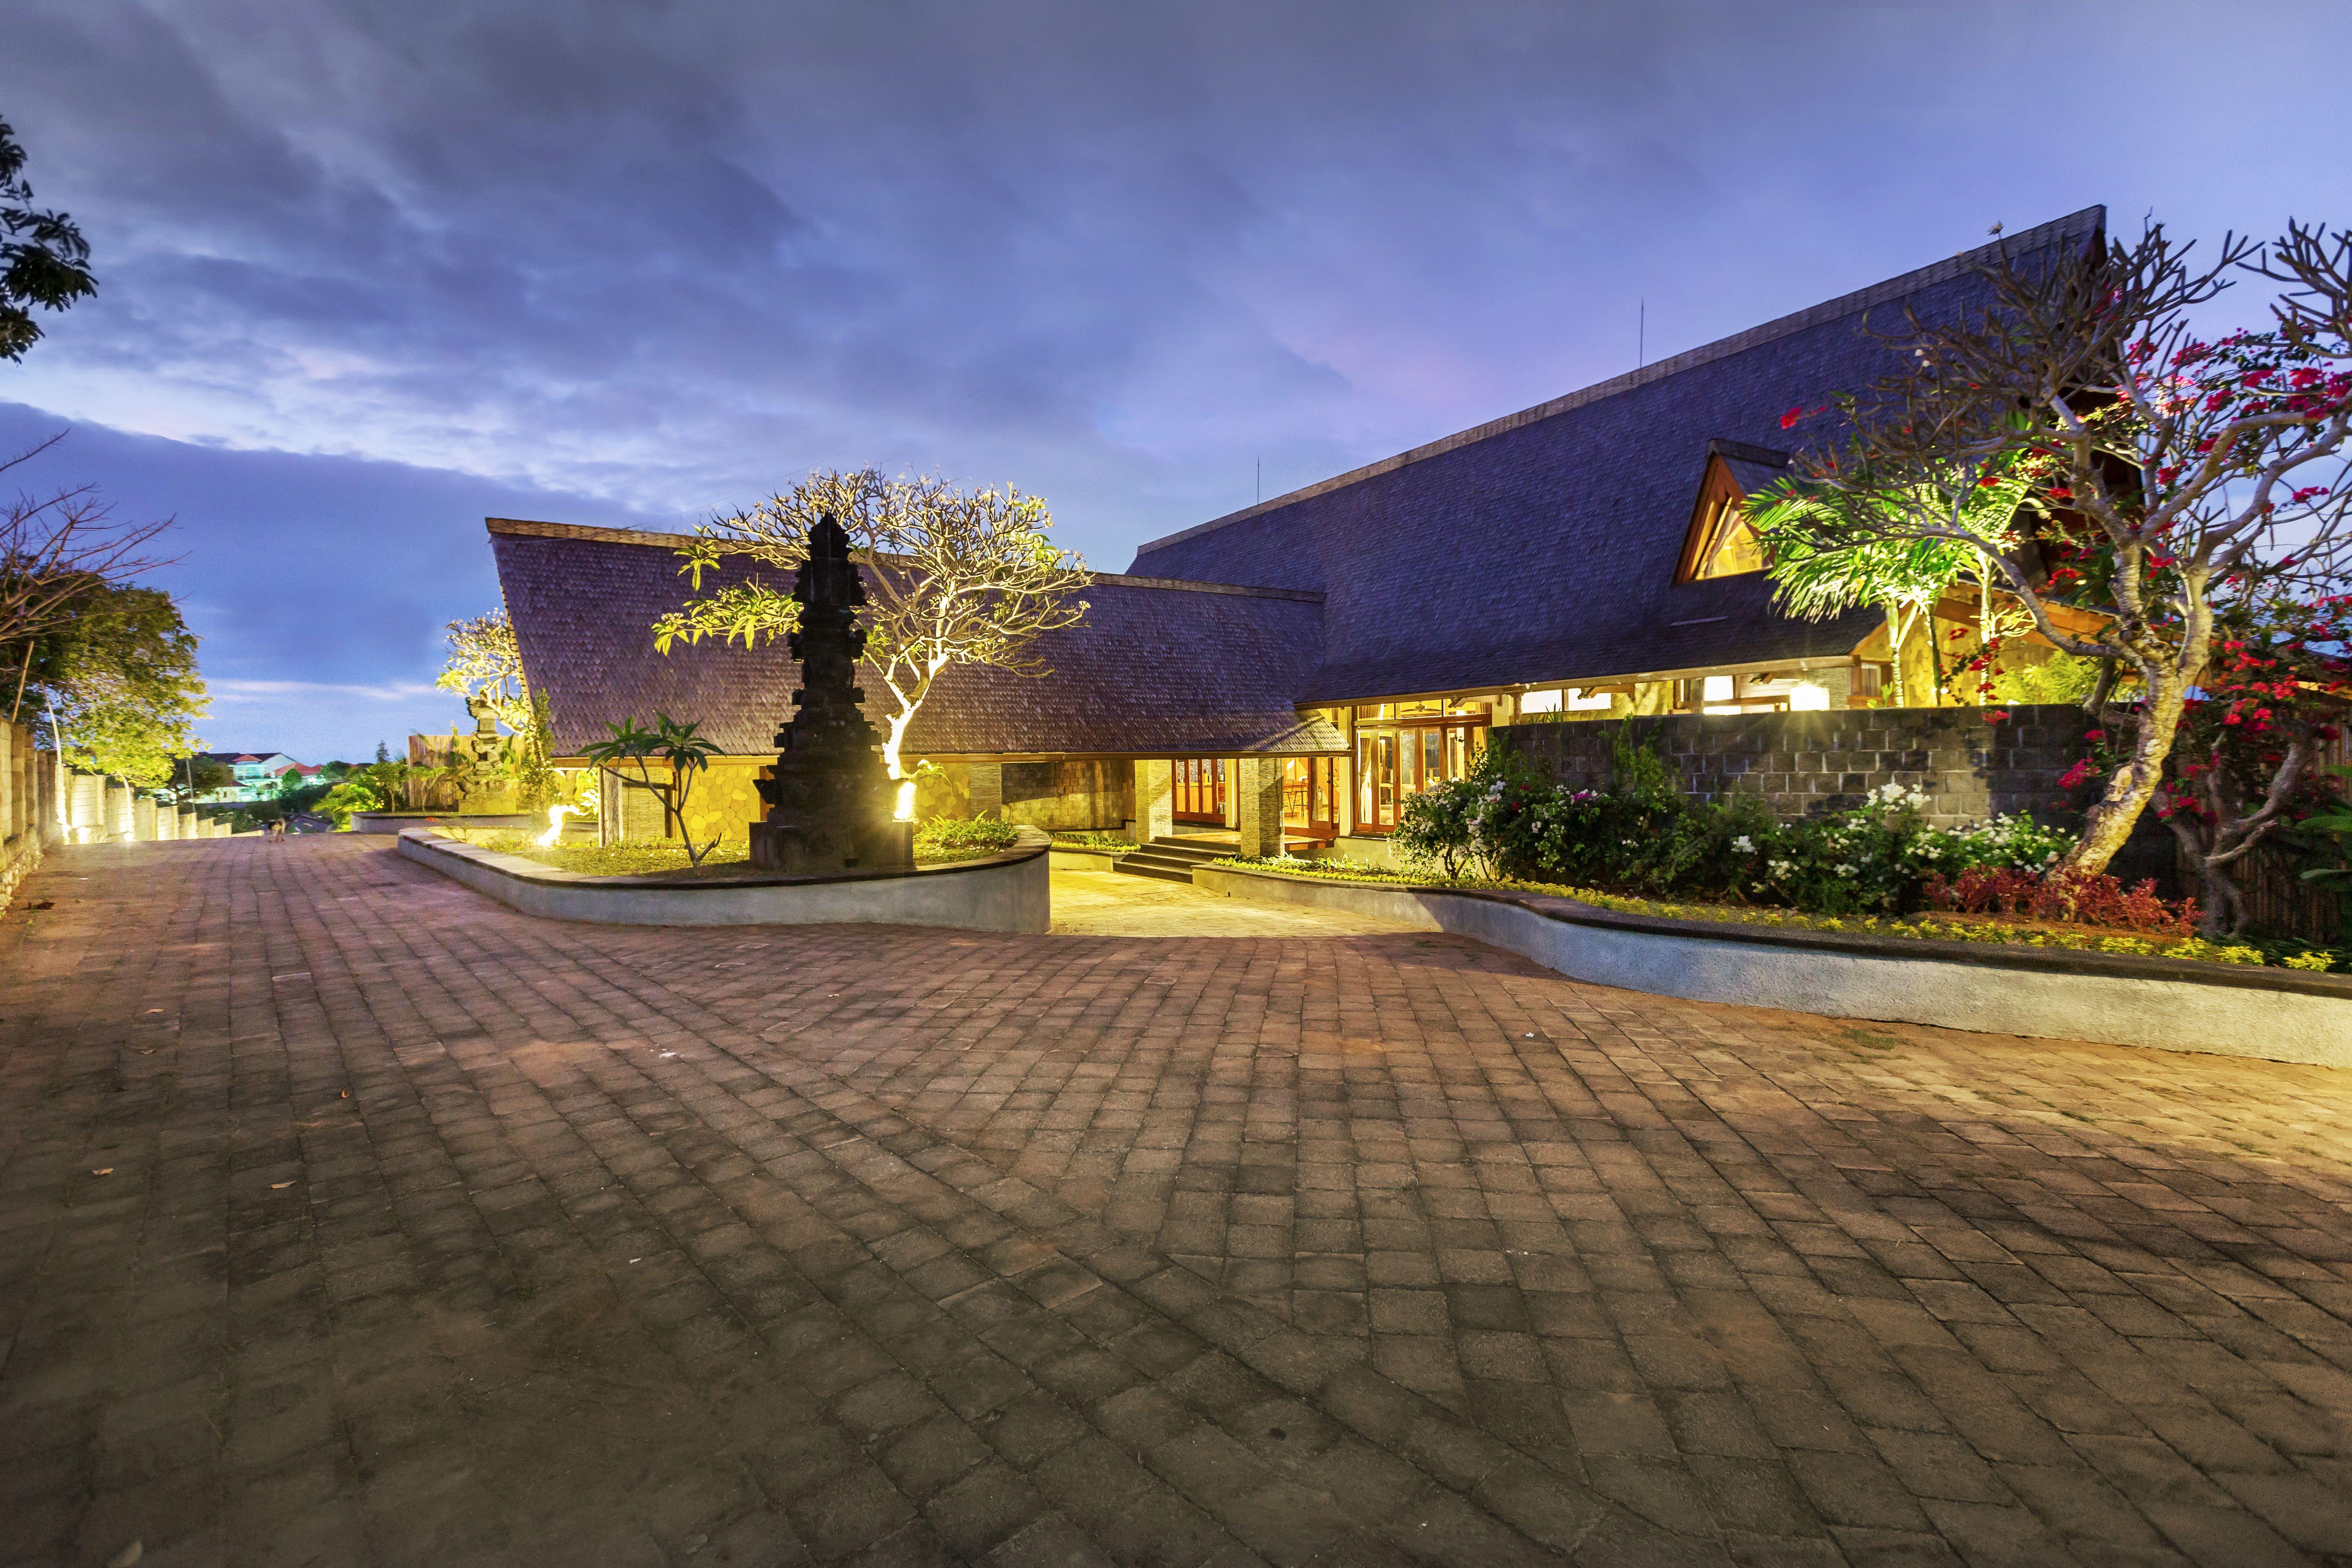 Villa Khaya Bali Bali Luxury Villas Luxury Villa Villa